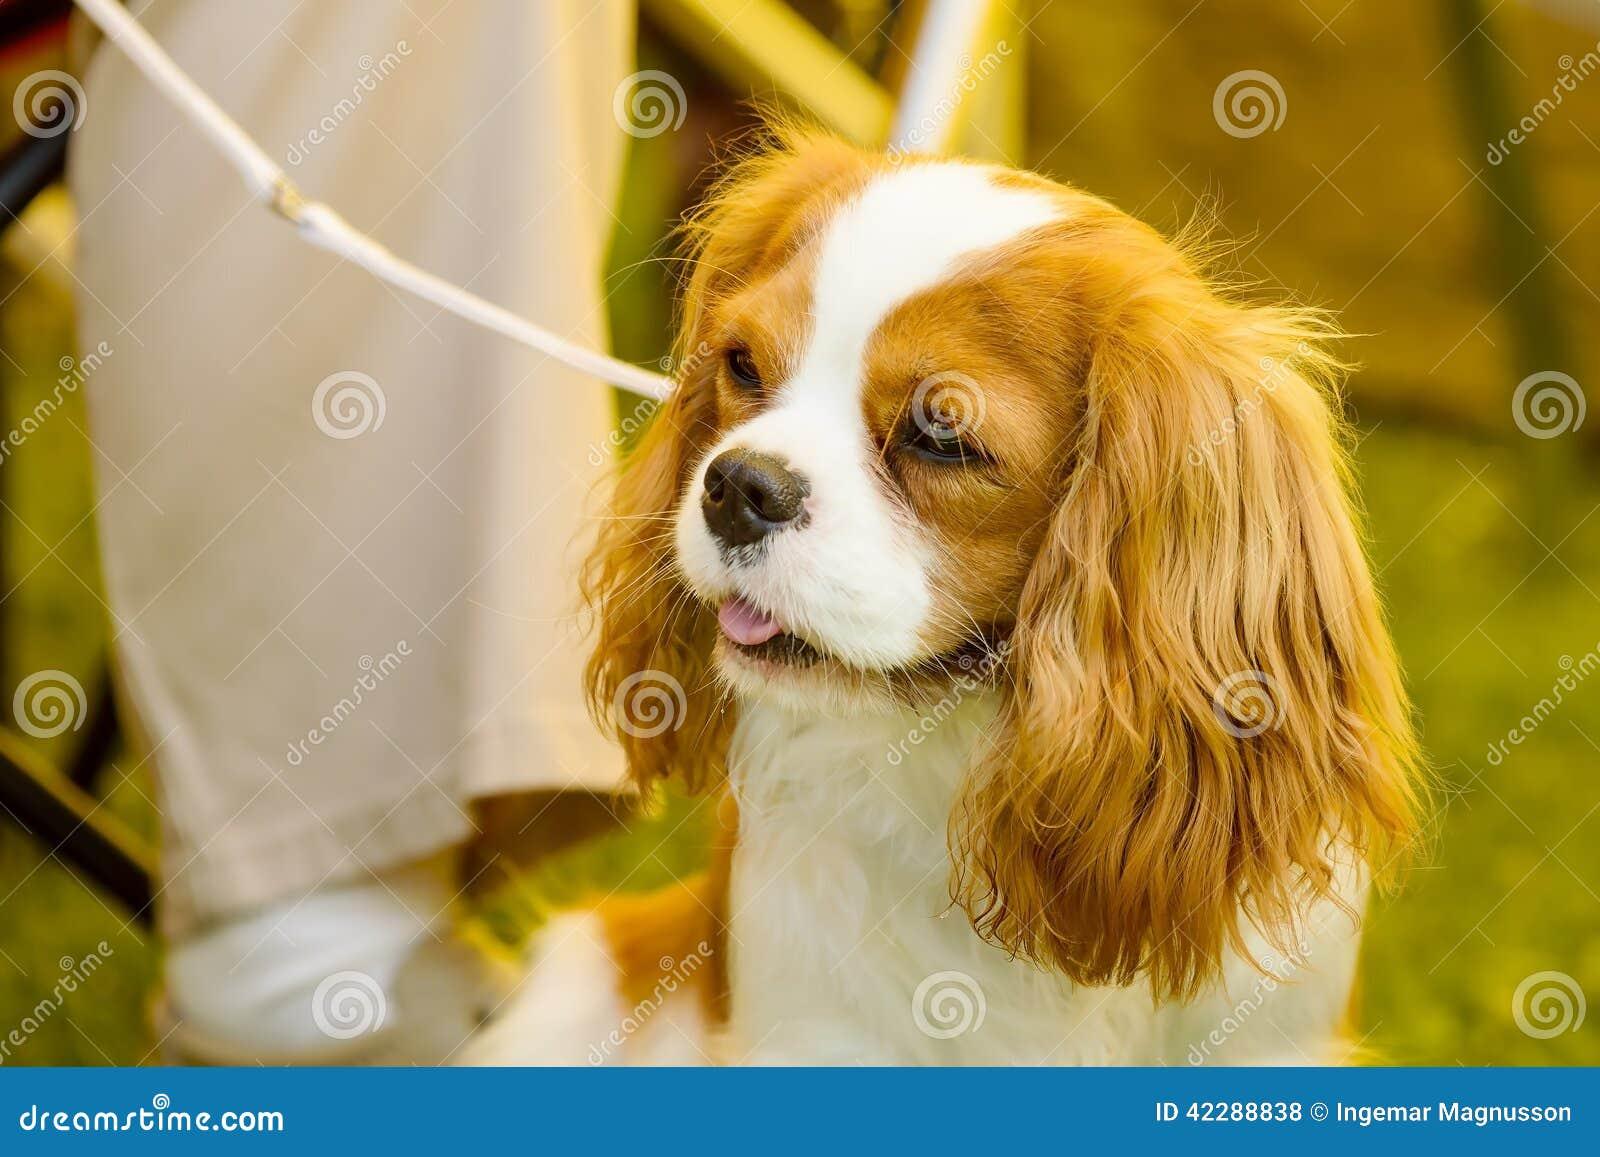 animal mignon petit chien - photo #28